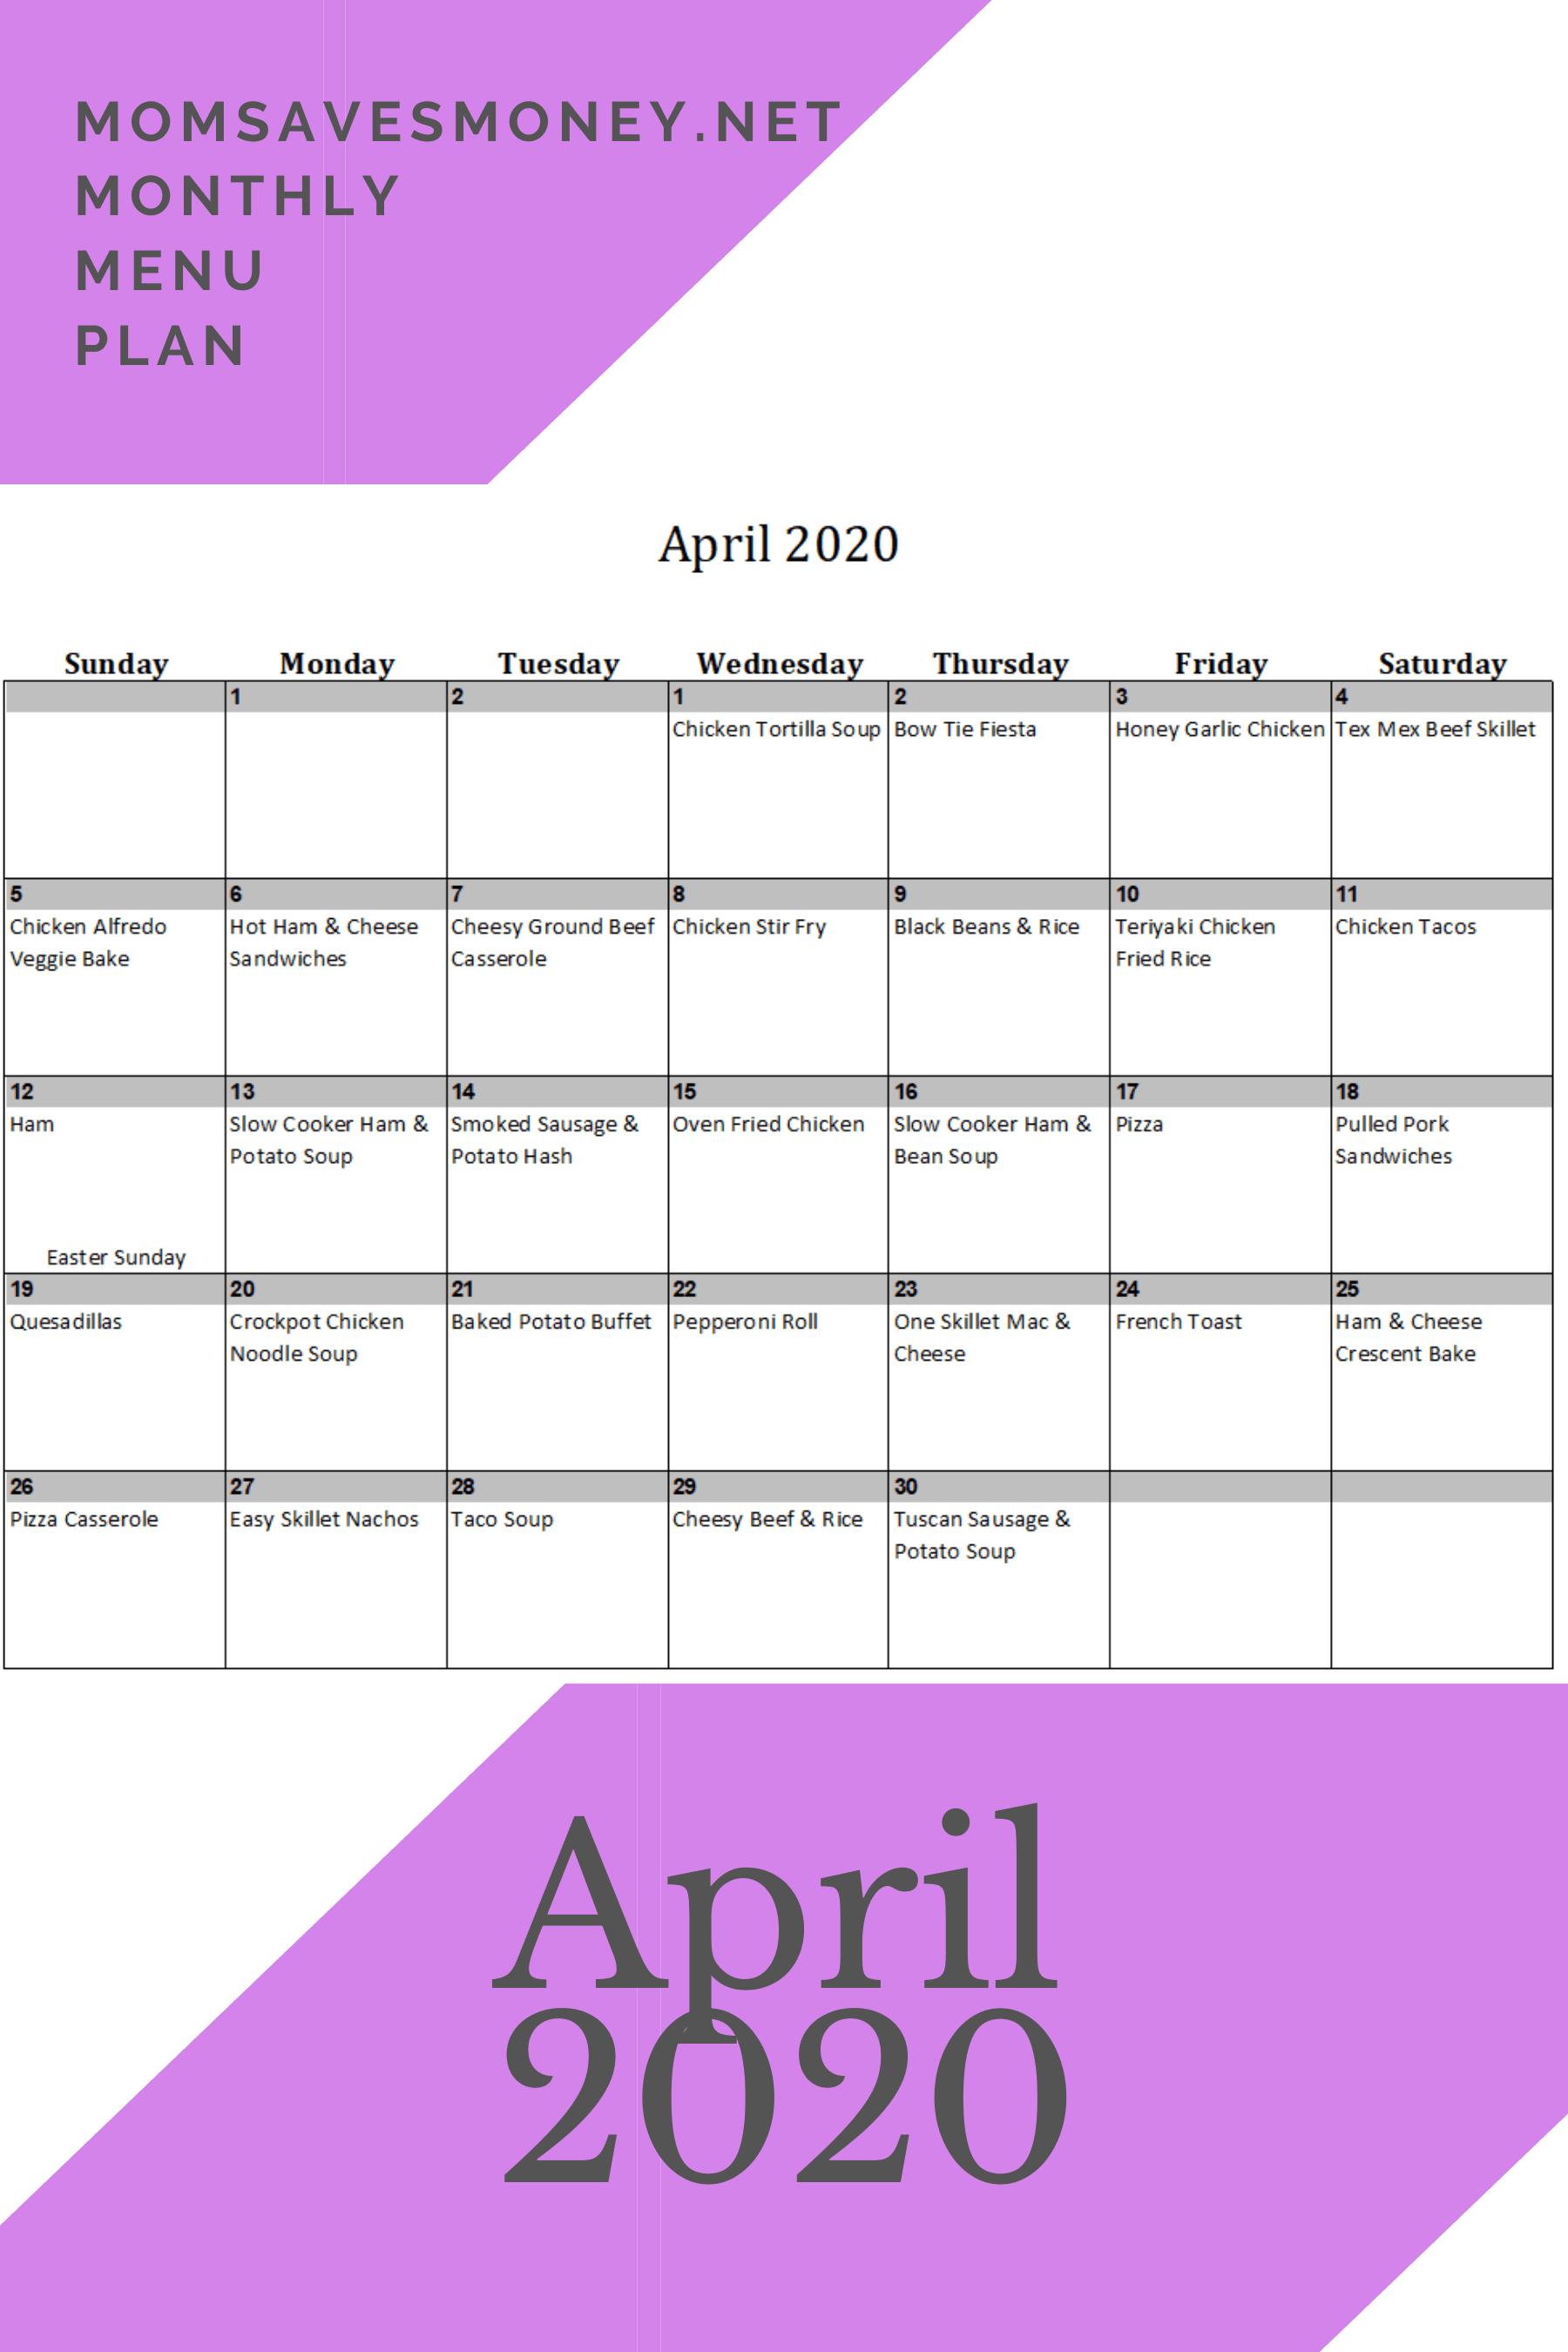 April 2020 meal plan calendar